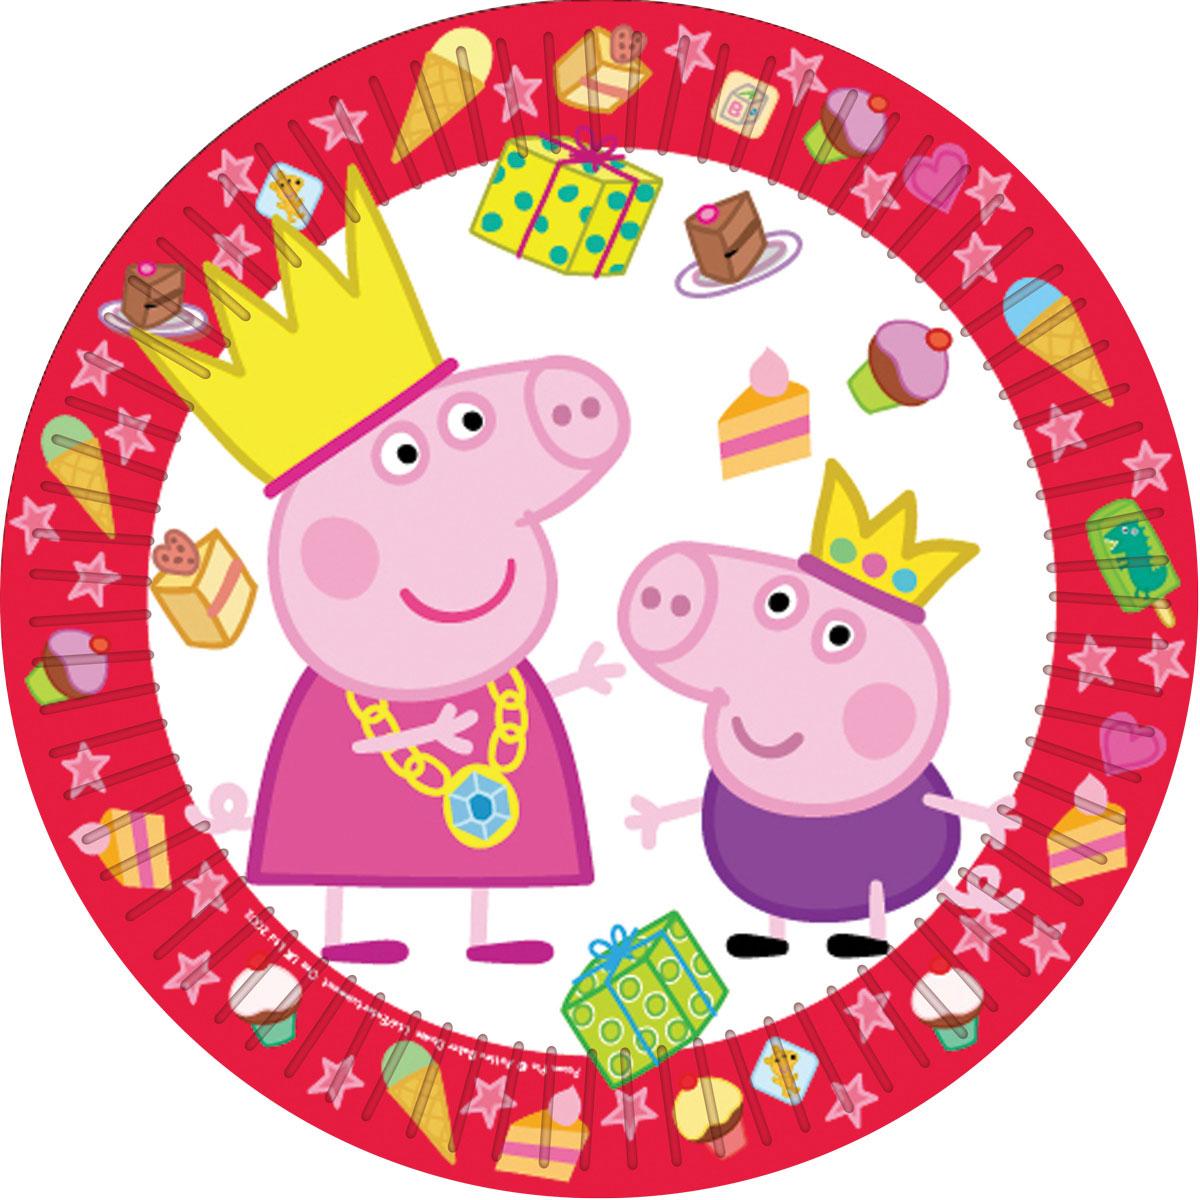 Peppa Pig Тарелка Пеппа-принцесса 6 шт28555Одноразовые тарелки Пеппа-принцесса Свинка Пеппа с ярким, жизнерадостным дизайном стильно украсят праздничный стол и поднимут всем настроение. А на пикнике они просто необходимы! Их практическую пользу невозможно переоценить: они почти невесомы, не могут разбиться, их не надо мыть. Сделанные из плотной бумаги, они абсолютно безопасны и, благодаря глянцевому ламинированию, прекрасно удерживают еду. В наборе 6 бумажных тарелок диаметром 23 см. Упаковка - пакет с хедером. Из данной серии вы также можете выбрать скатерть, стаканы, язычки, колпаки, дудочки, подарочный набор посуды, приглашение в конверте, хлопушки и другие товары.